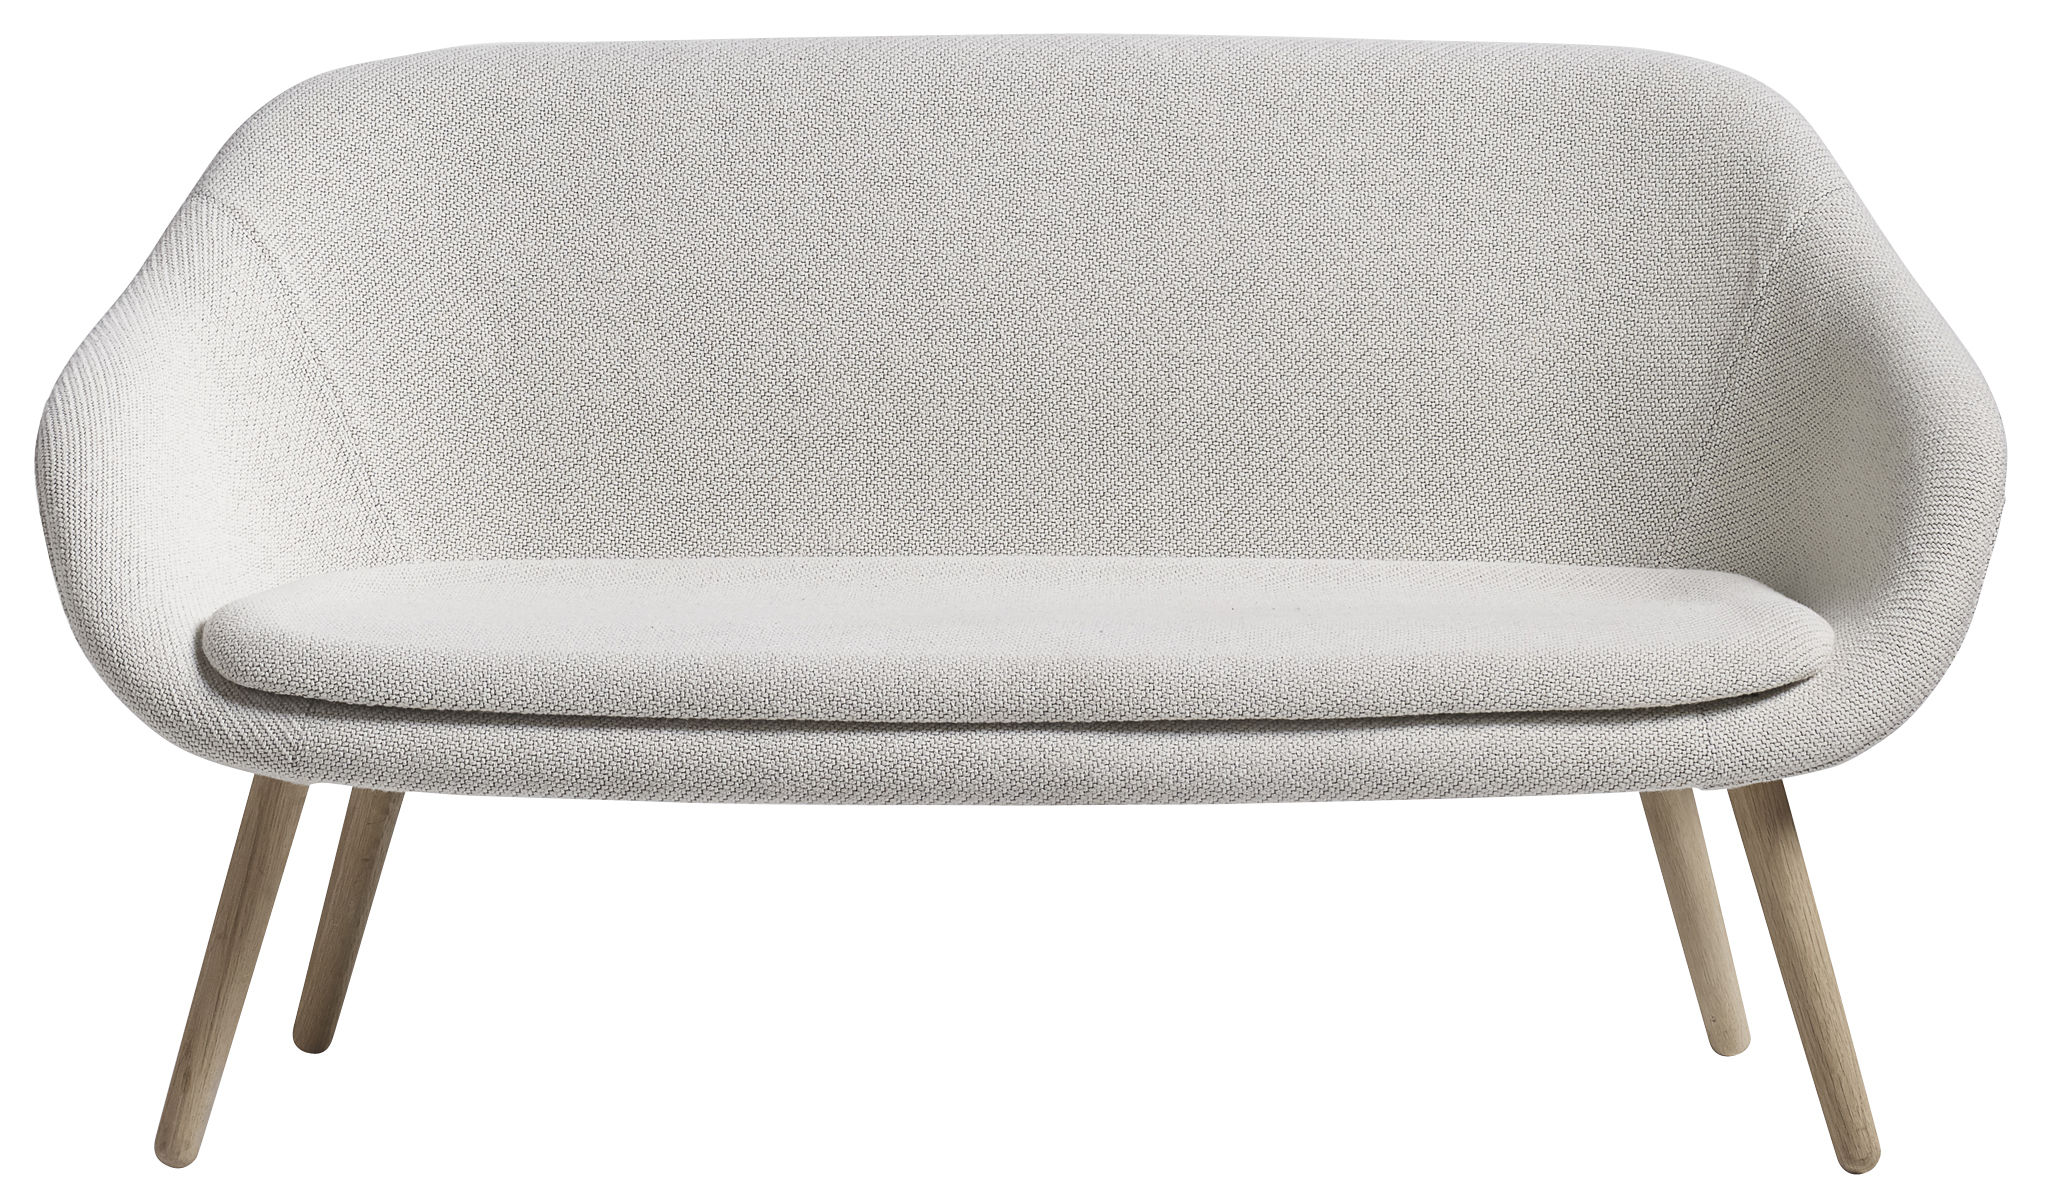 canap droit about a lounge sofa for comwel l 150 cm 2 places blanc bois naturel hay. Black Bedroom Furniture Sets. Home Design Ideas